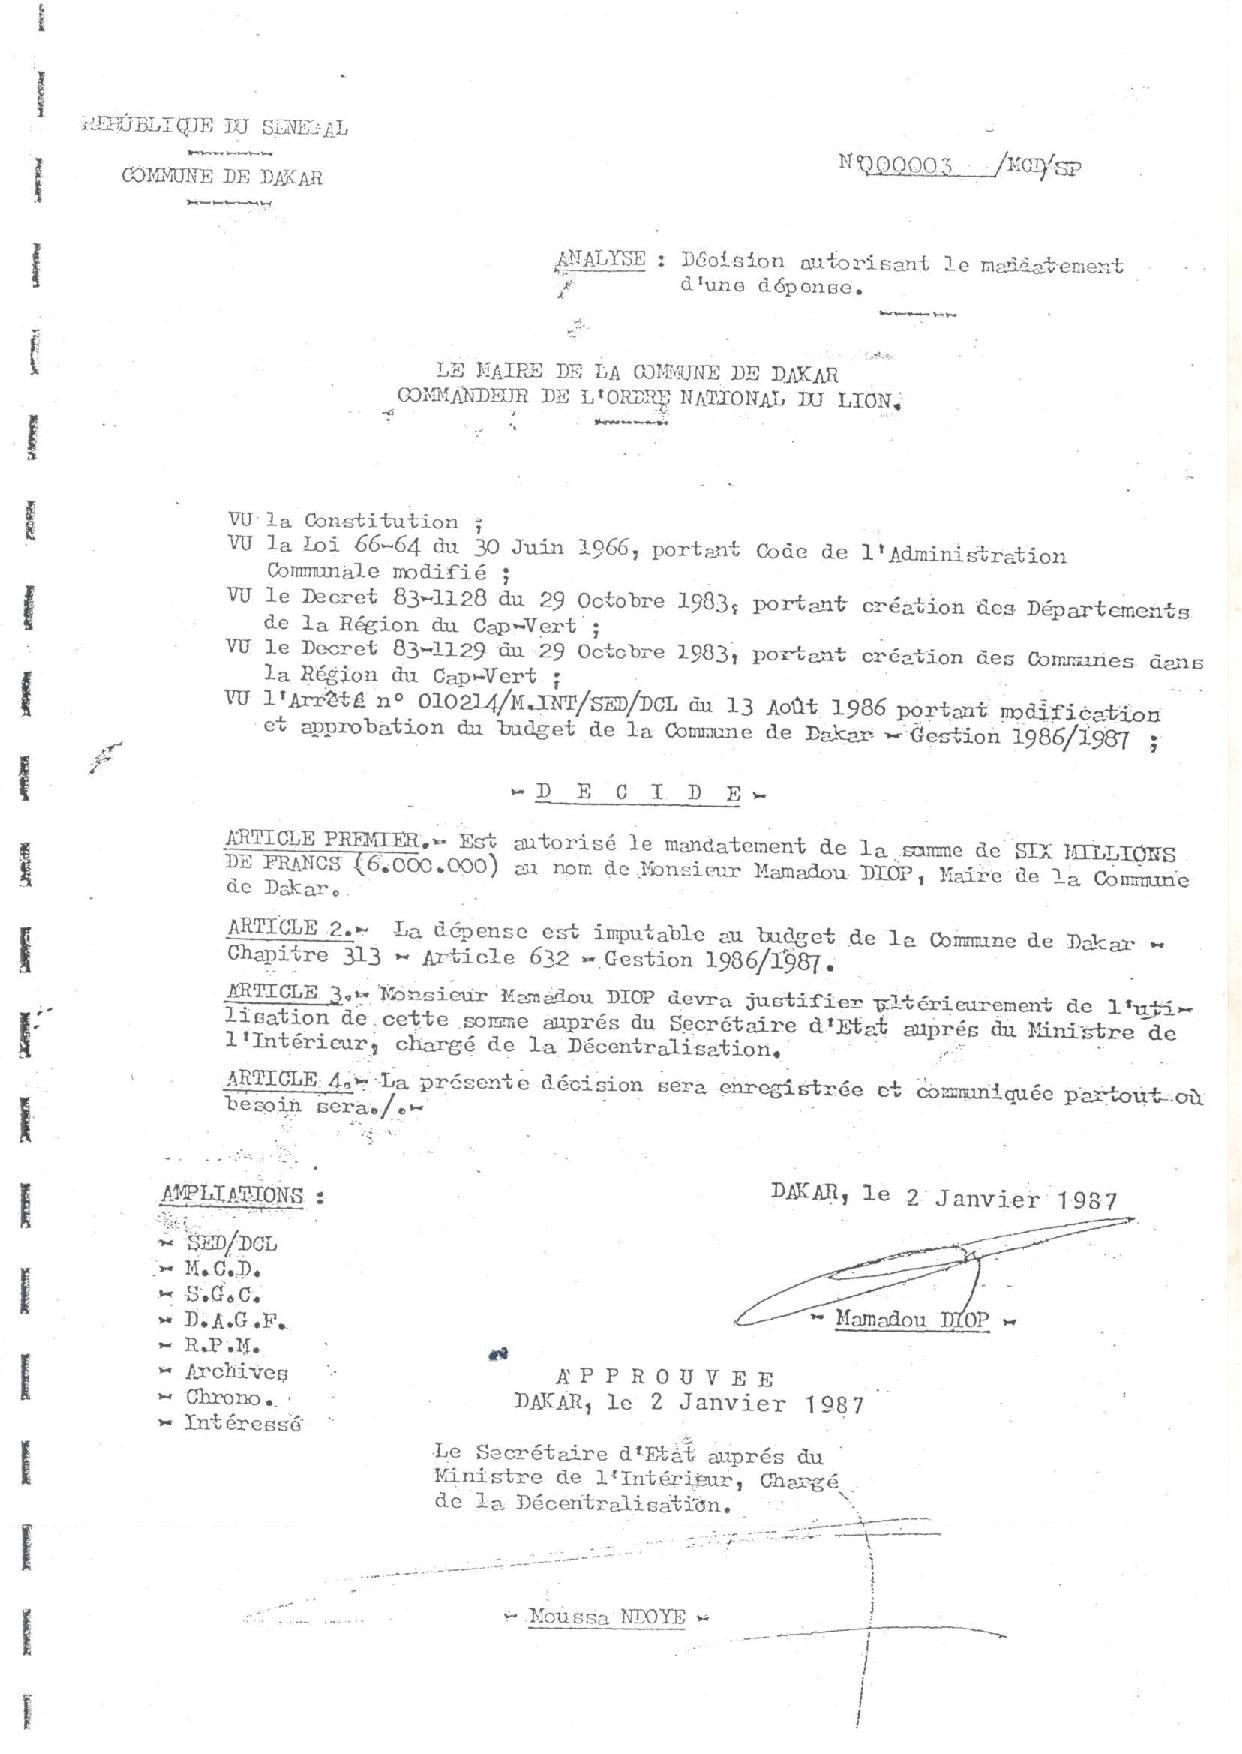 Caisse d'avance de la Mairie de Dakar - D'Abdou Diouf à Macky Sall : conditions de création, histoire, motivations et objectifs